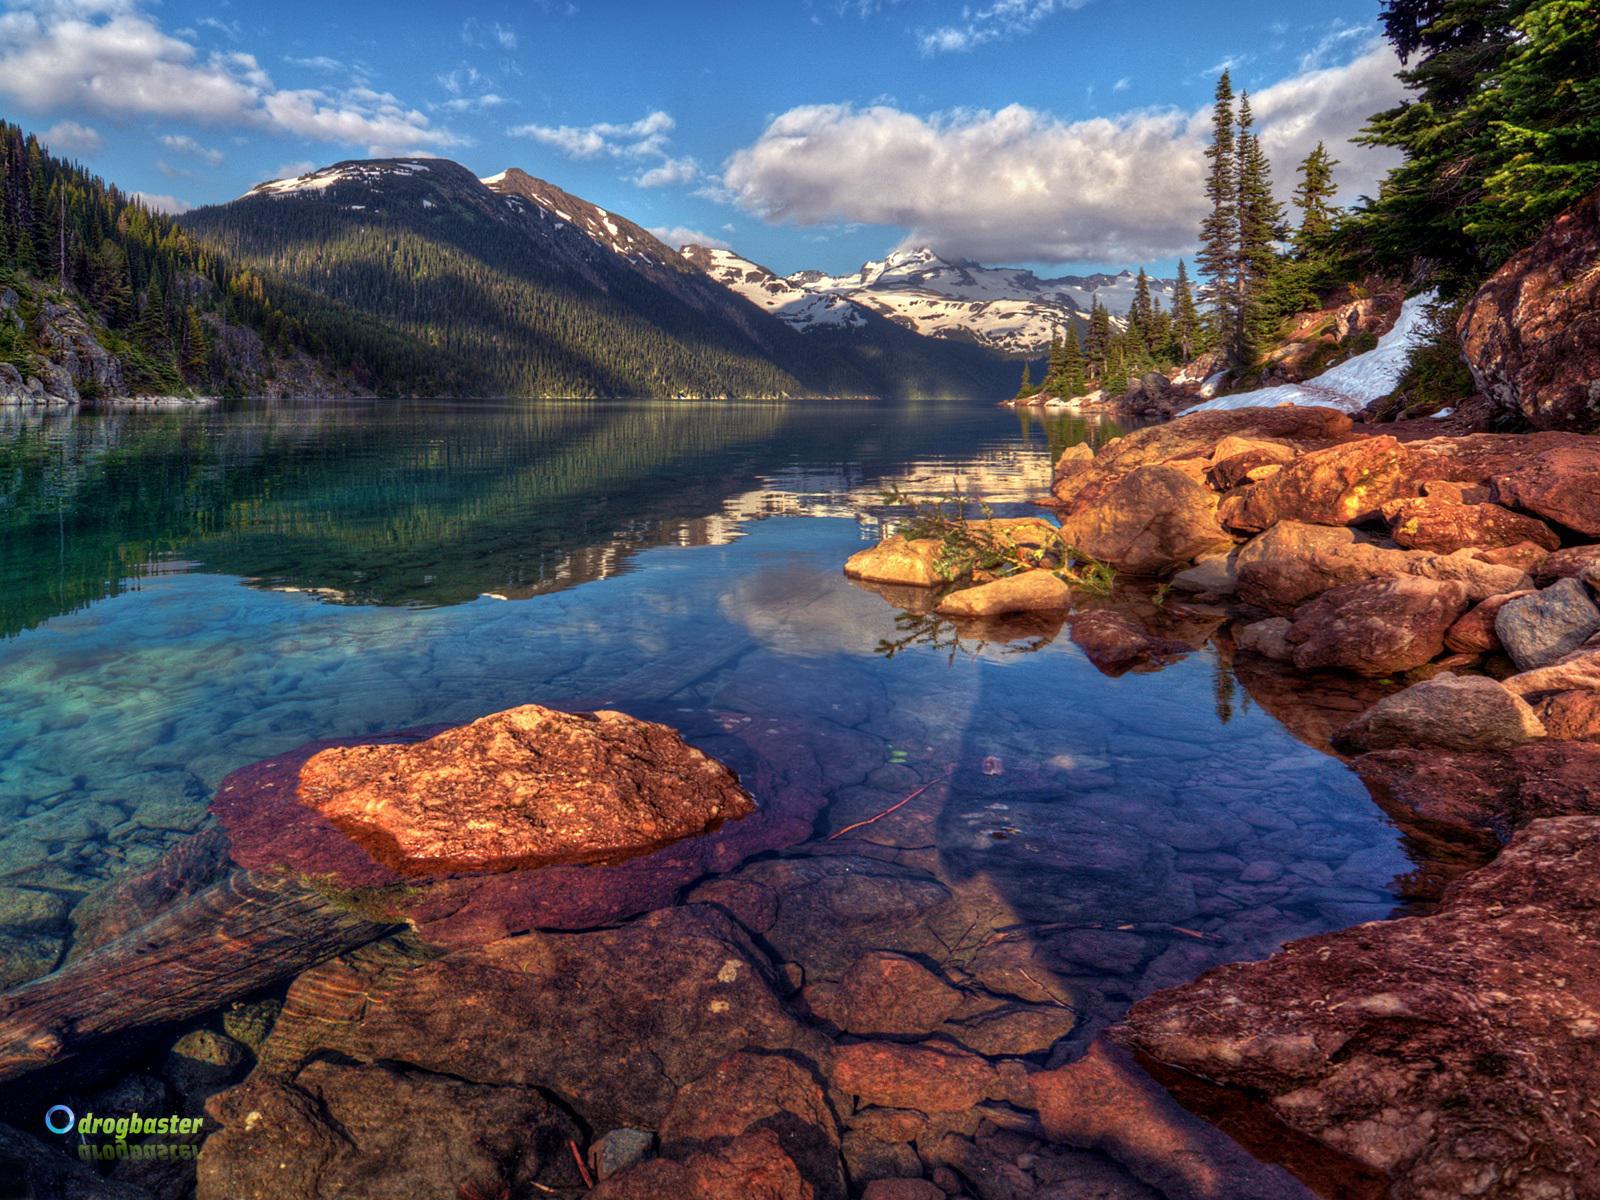 Paesaggi parchi e panorami delle natura for Paesaggi naturali hd